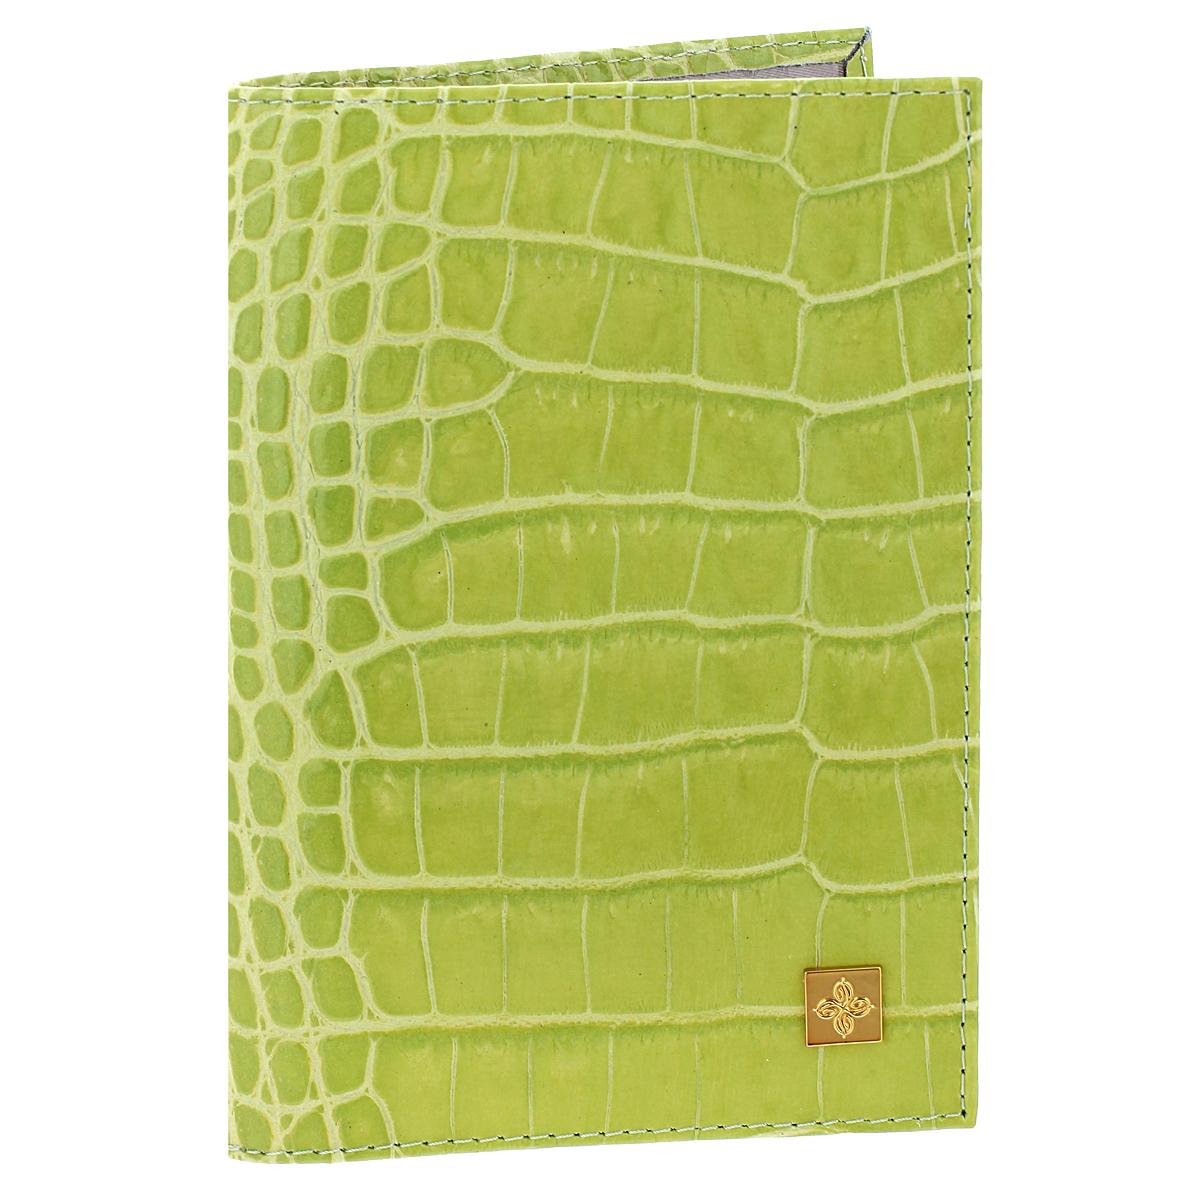 """Обложка для паспорта женская Dimanche Lime, цвет: лайм. 391391Стильная обложка Lime выполнена из натуральной лаковой кожи с фактурным тиснением """"под крокодила"""". На внутреннем развороте расположено два вертикальных кармана из прозрачного пластика. Такая обложка не только поможет сохранить внешний вид ваших документов и защитит их от повреждений, но и станет ярким аксессуаром, который подчеркнет ваш образ. Обложка упакована в подарочную картонную коробку с логотипом фирмы. Характеристики: Материал: натуральная кожа, ПВХ. Размер обложки: 9,5 см х 13,5 см х 1,5 см. Цвет: лайм."""